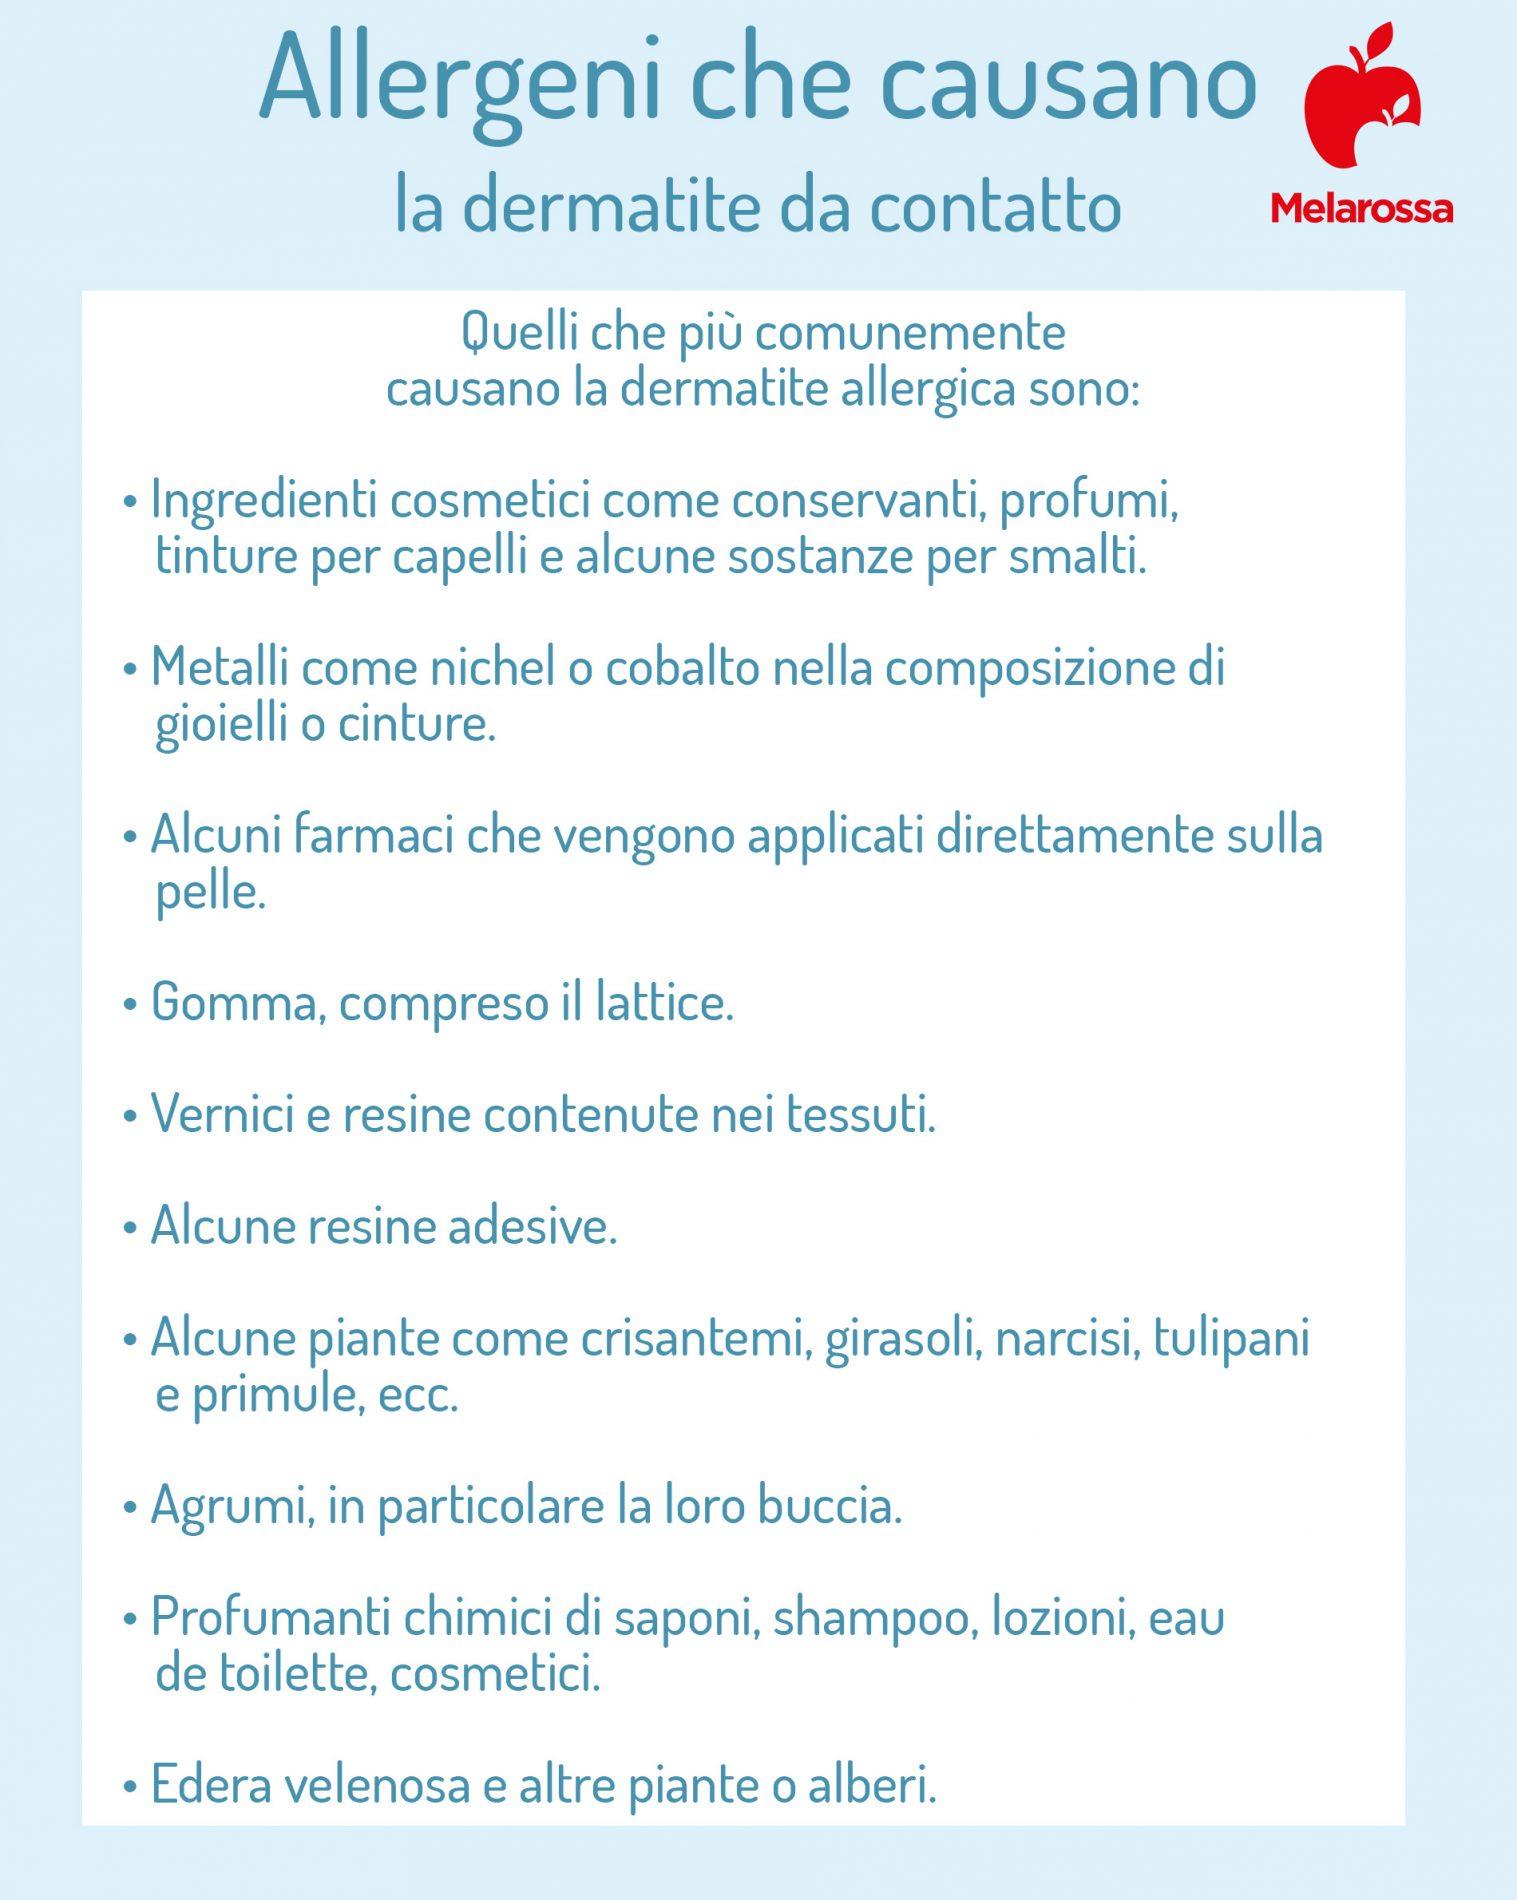 dermatite da contatto: allergeni